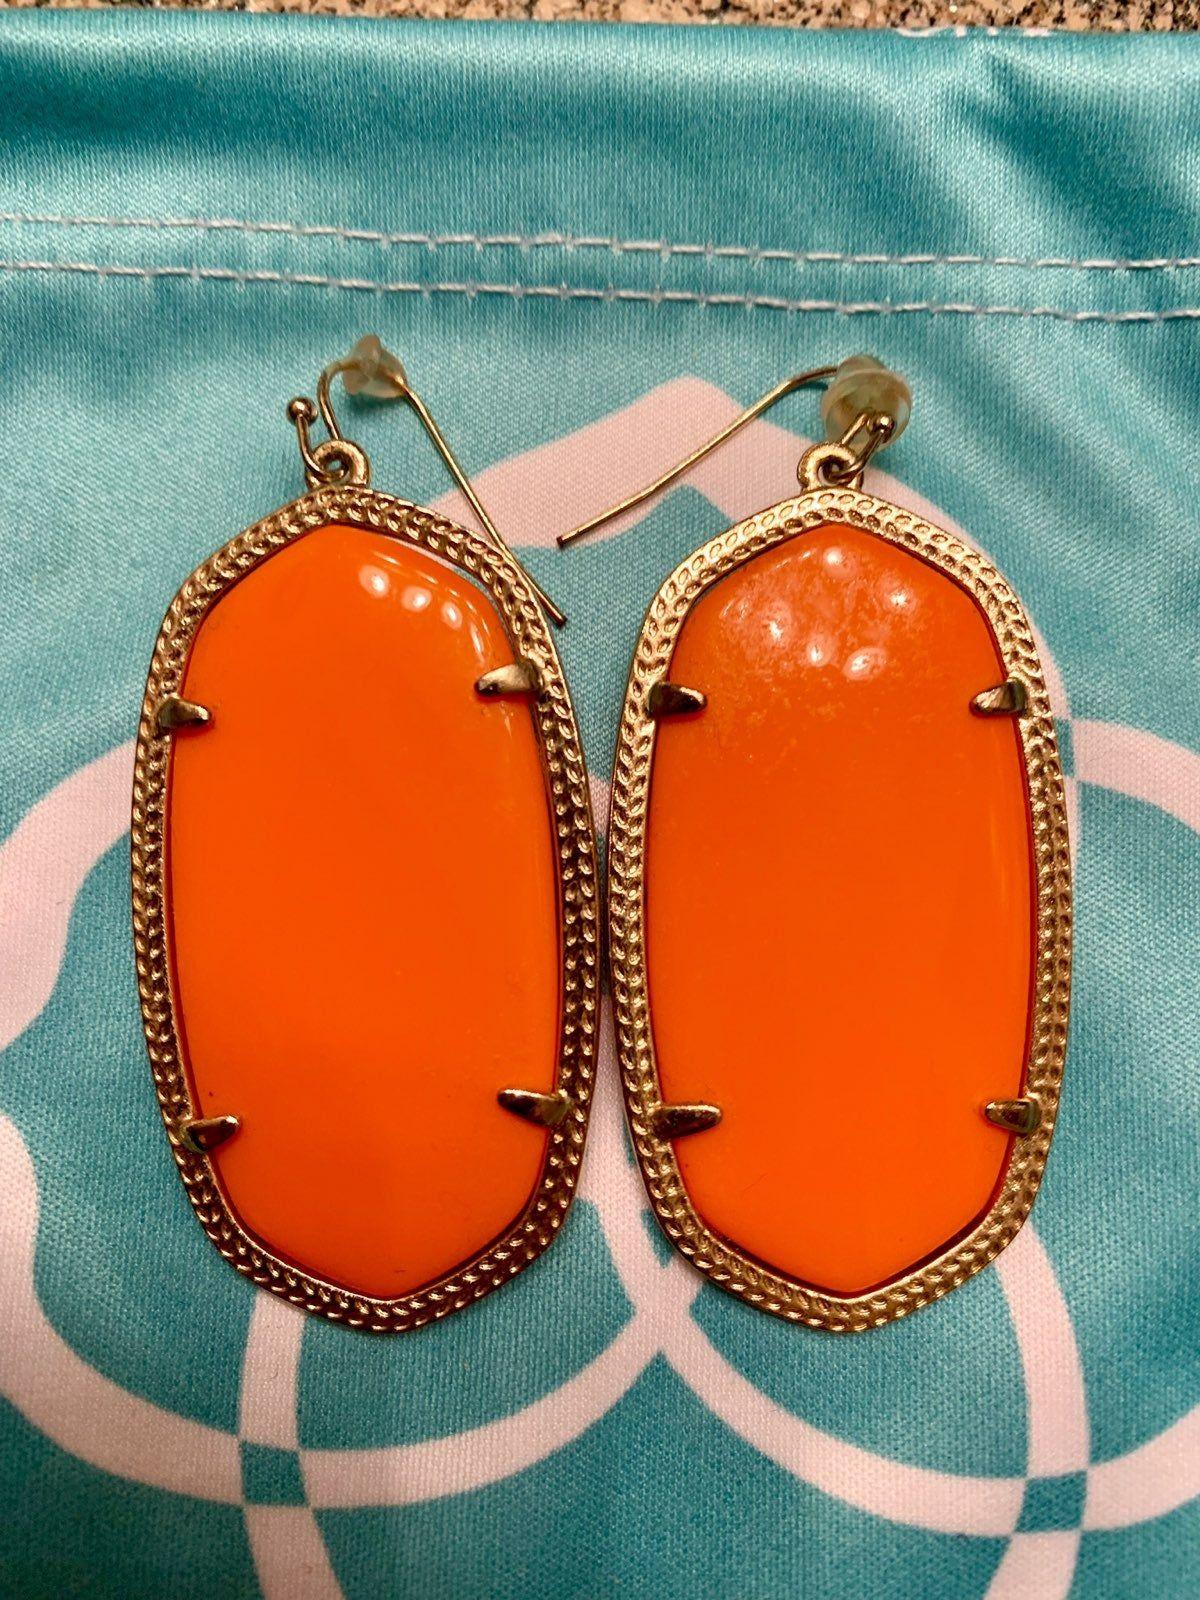 Kendra scott danielle gold drop earrings in orange very